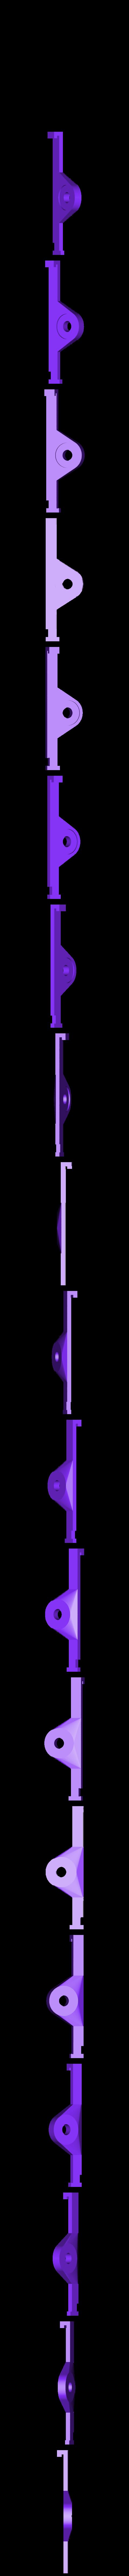 Anycubic_I3_Mega_Filamentrollenhalter-UmlenkrollenHalterUnten.stl Download free STL file Anycubic I3 Mega Spool Holder • 3D print object, dede67